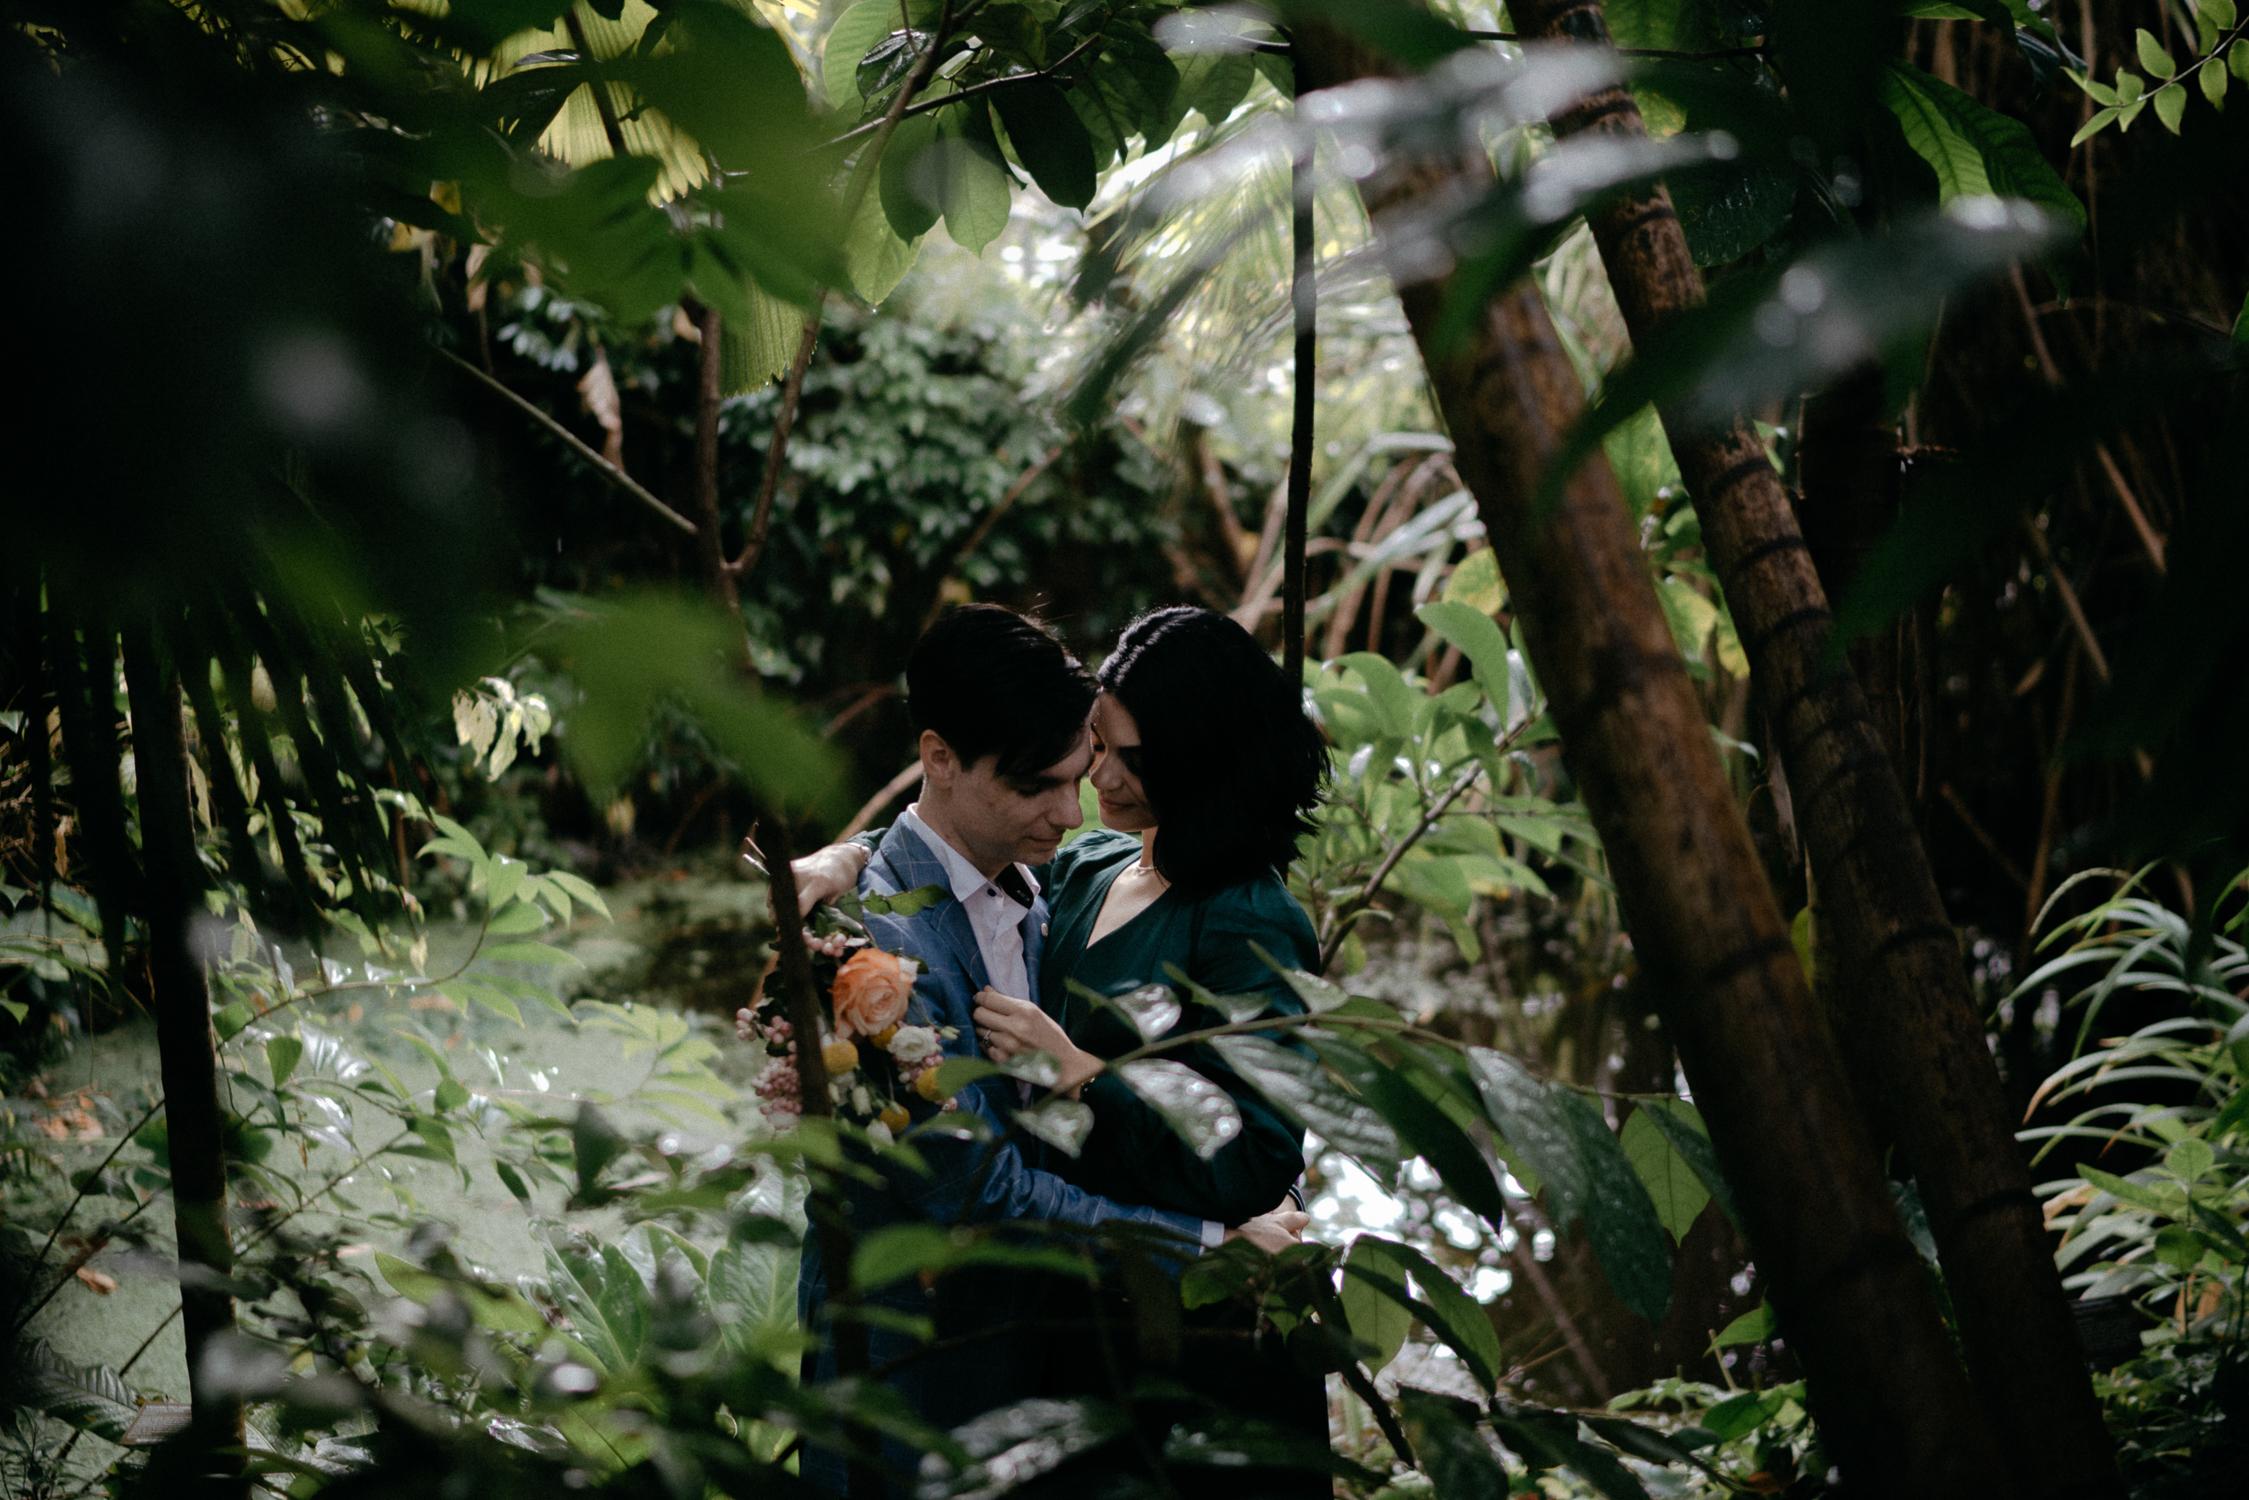 best amsterdam wedding photographer couple hortus botanicus